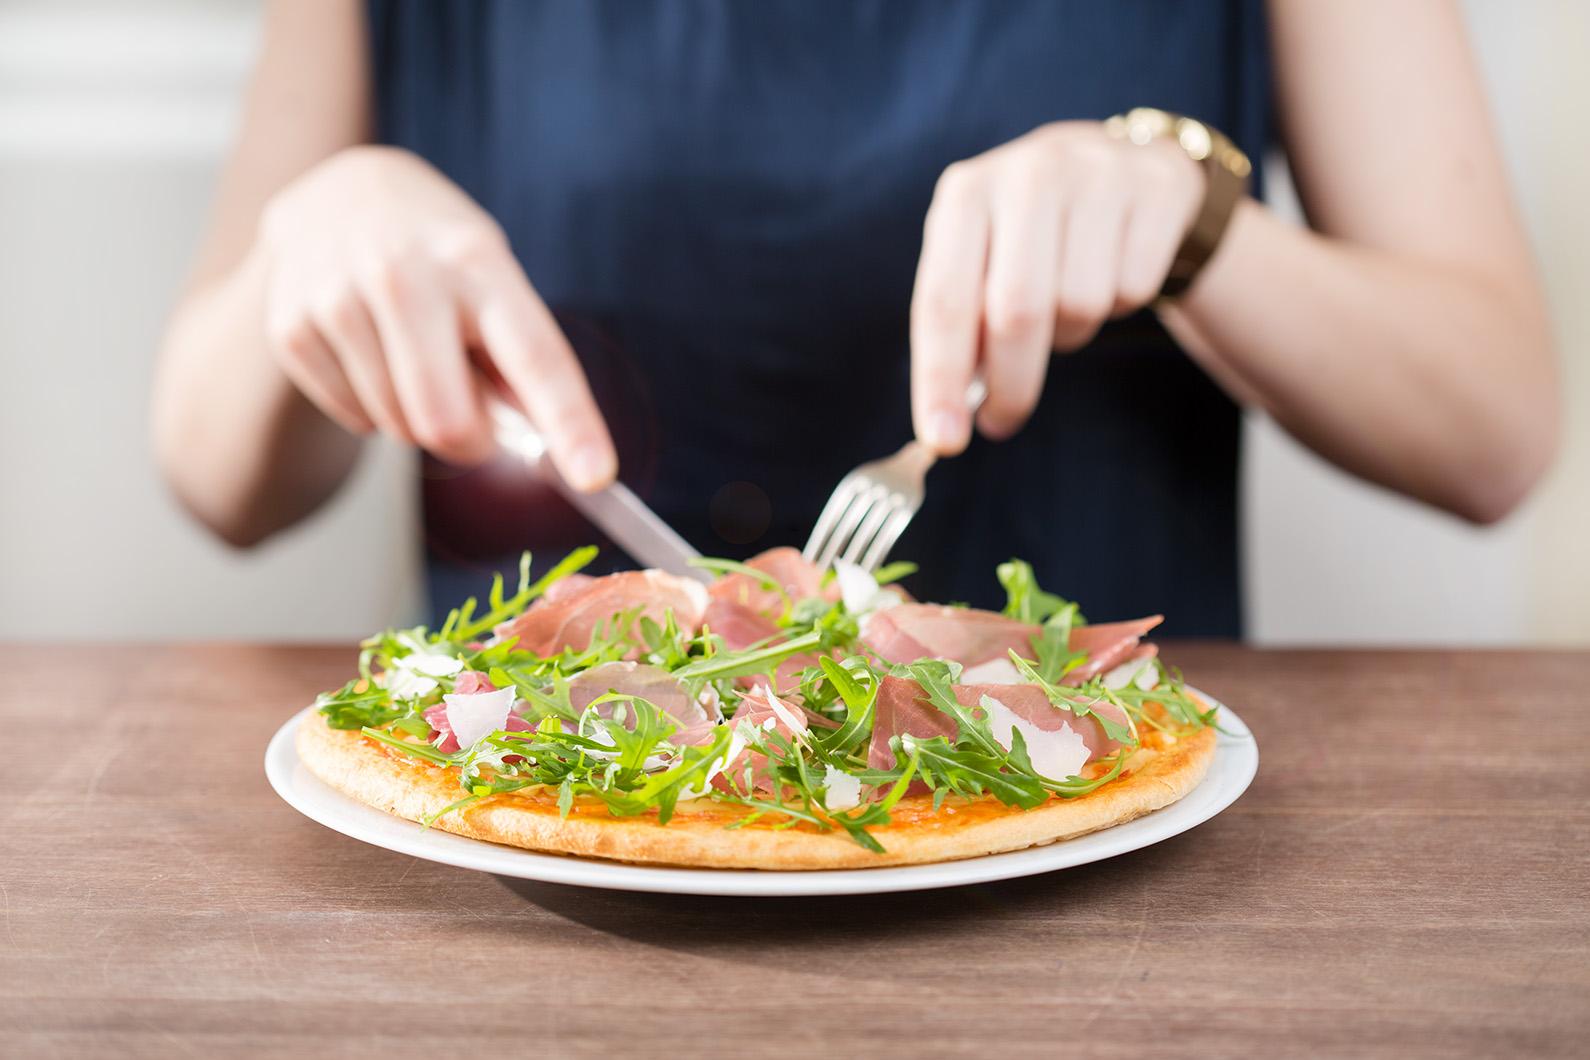 Fotos de MUNDFEIN Pizzawerkstatt Ahrensburg